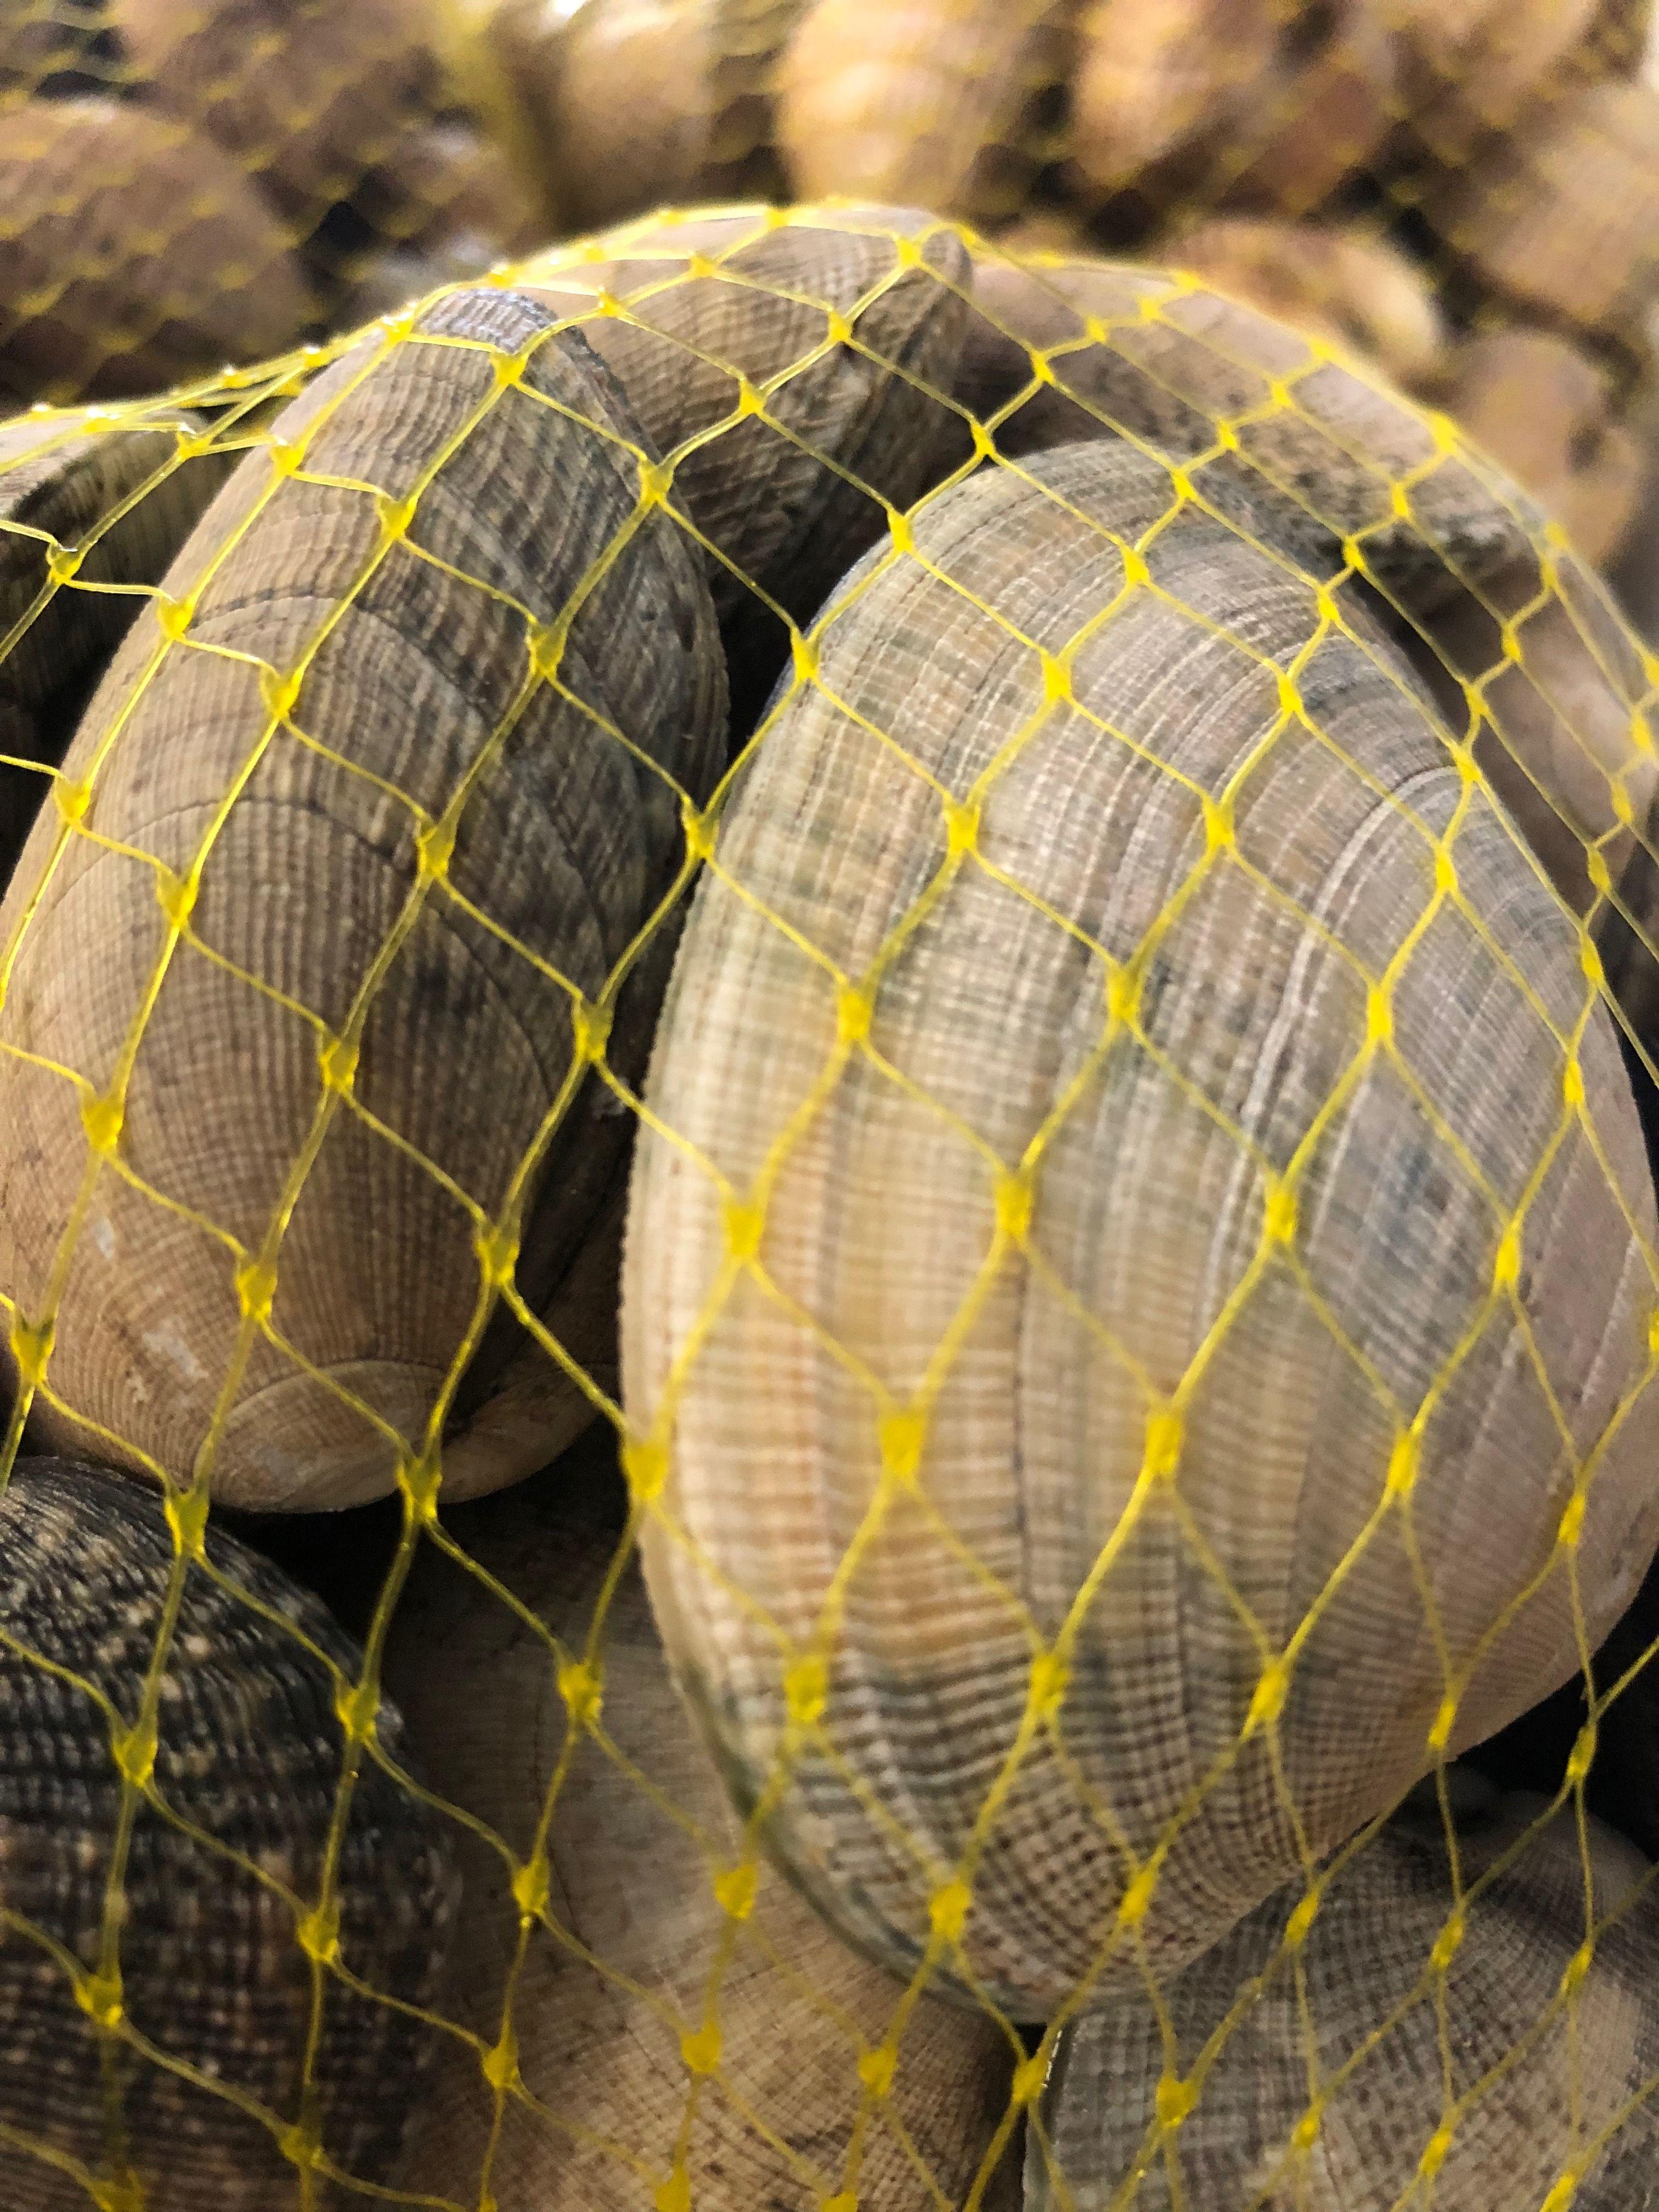 Foto 24 de Distribución de pescados y mariscos frescos y congelados en Madrid | Dispemar Celada